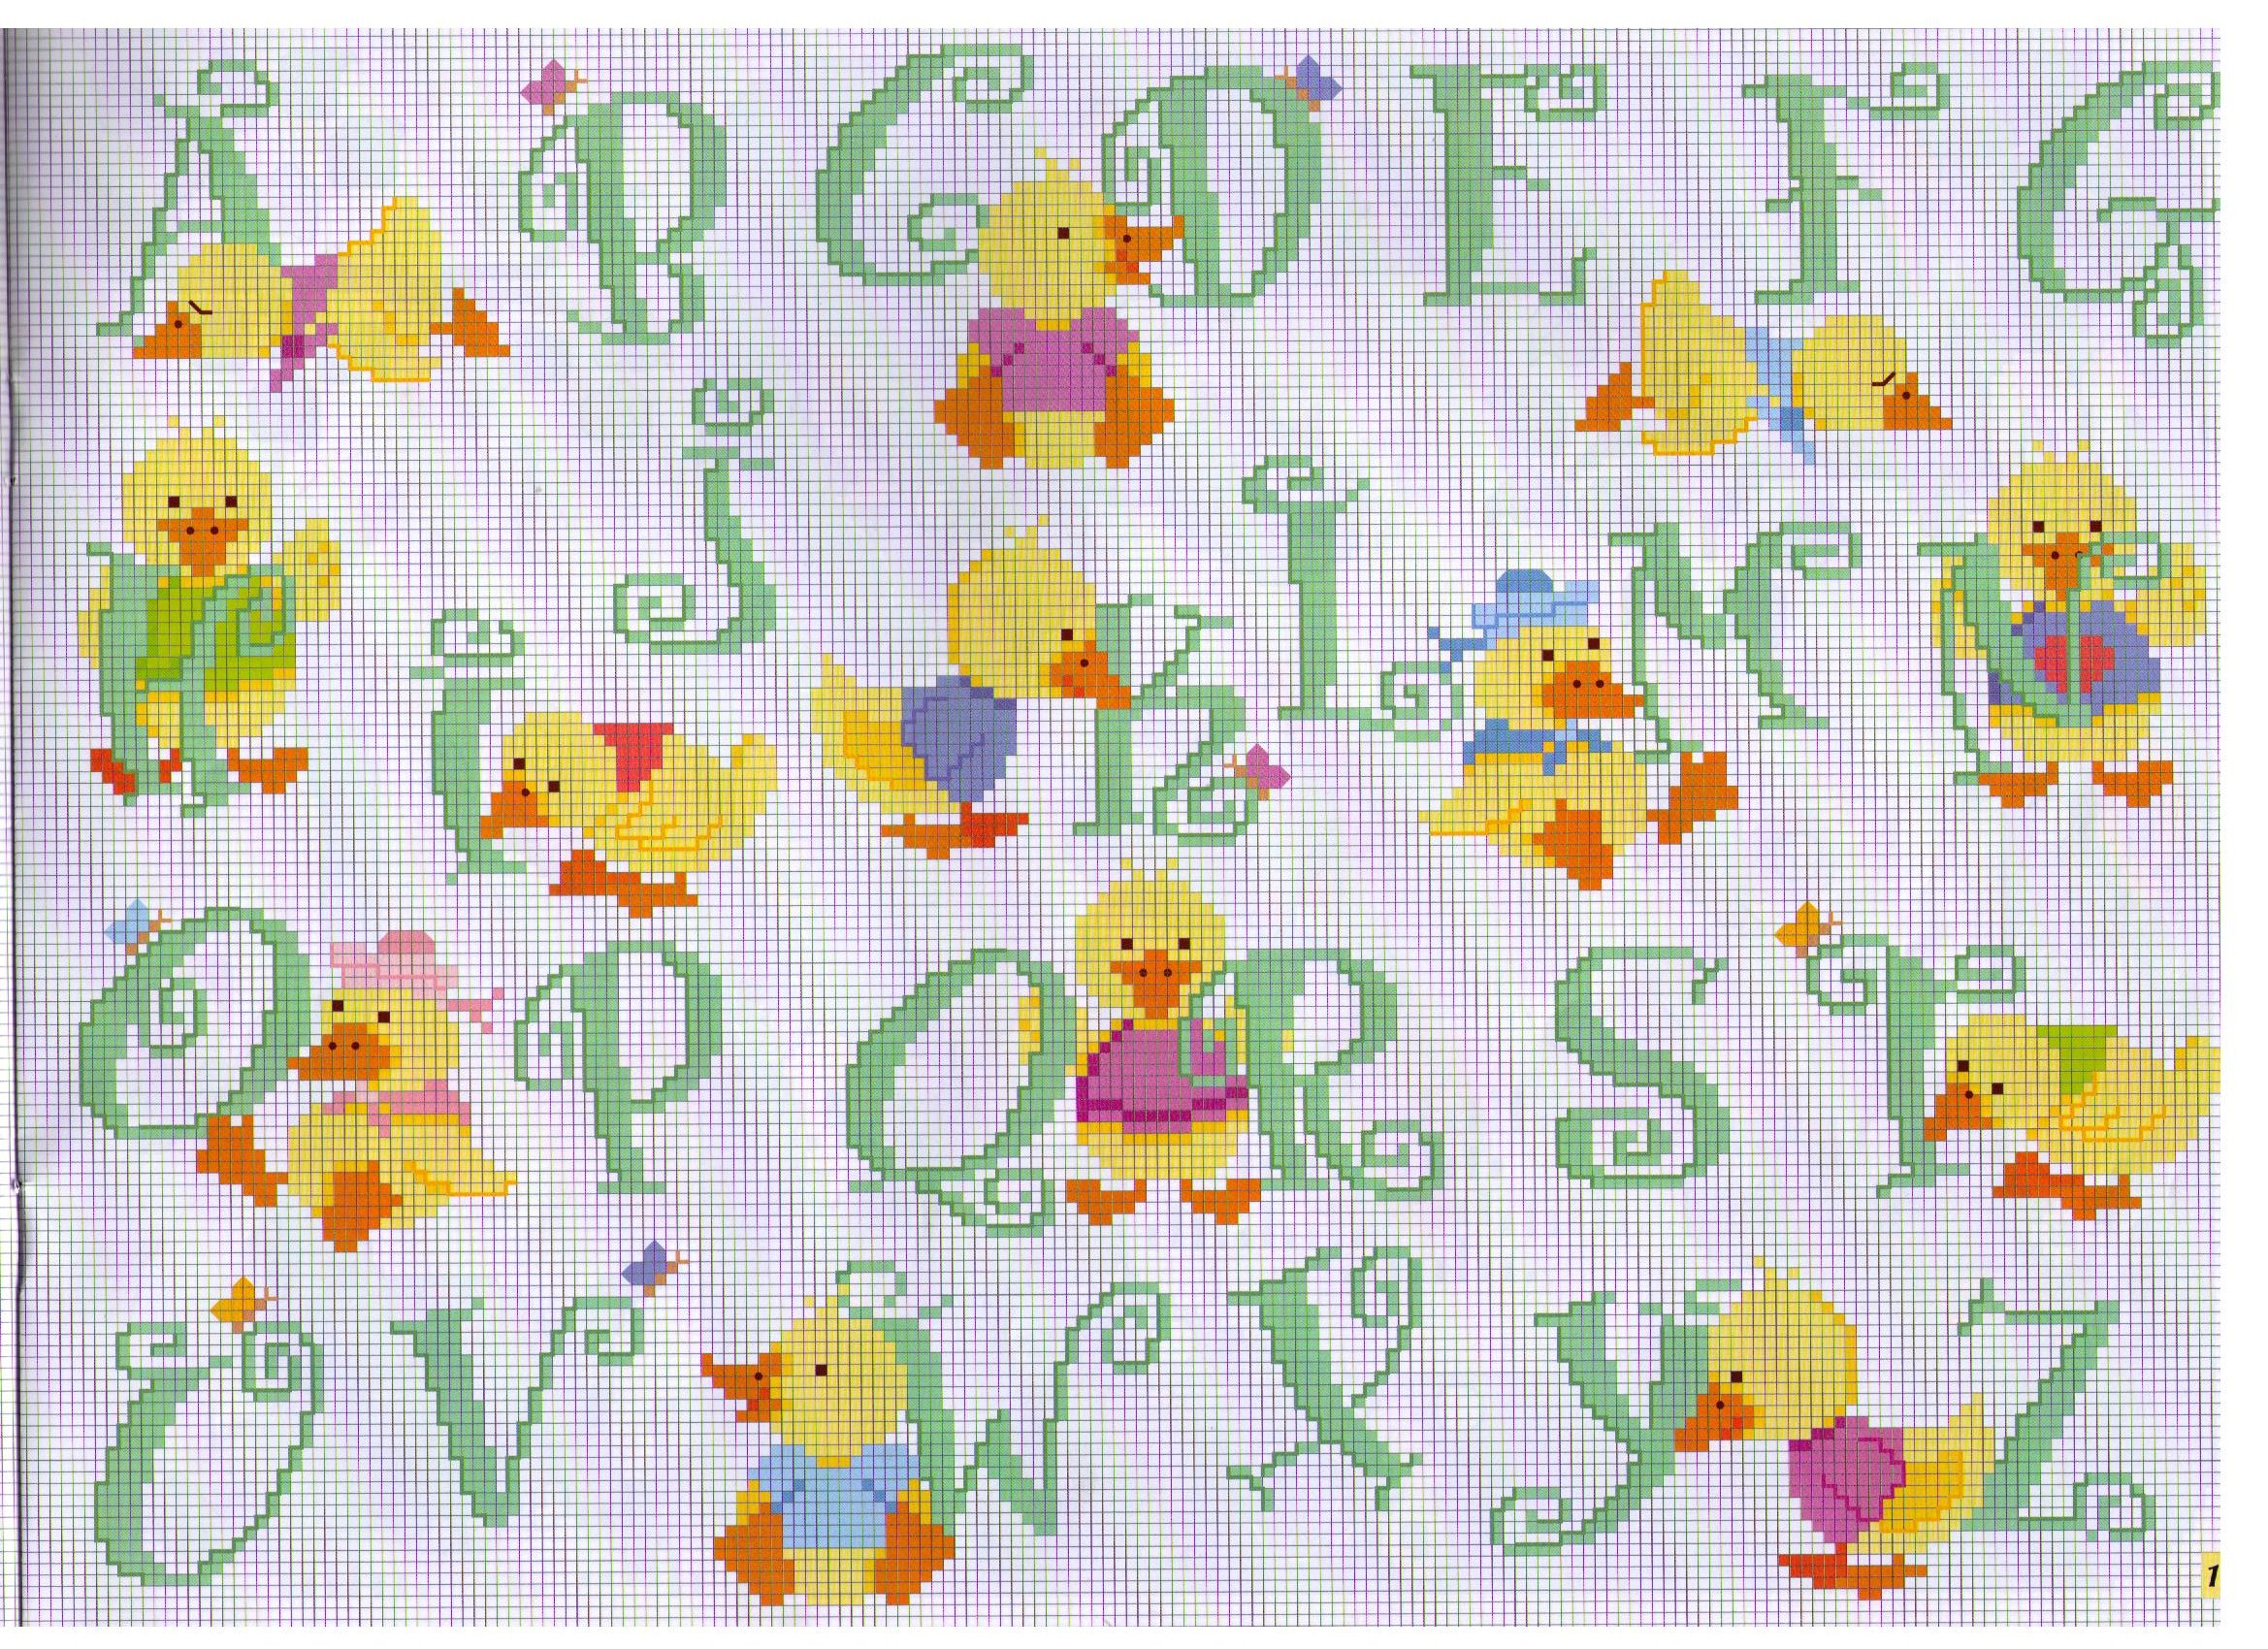 Alfabeto pulcini punto croce uncinetto for Alfabeti a punto croce per bambini